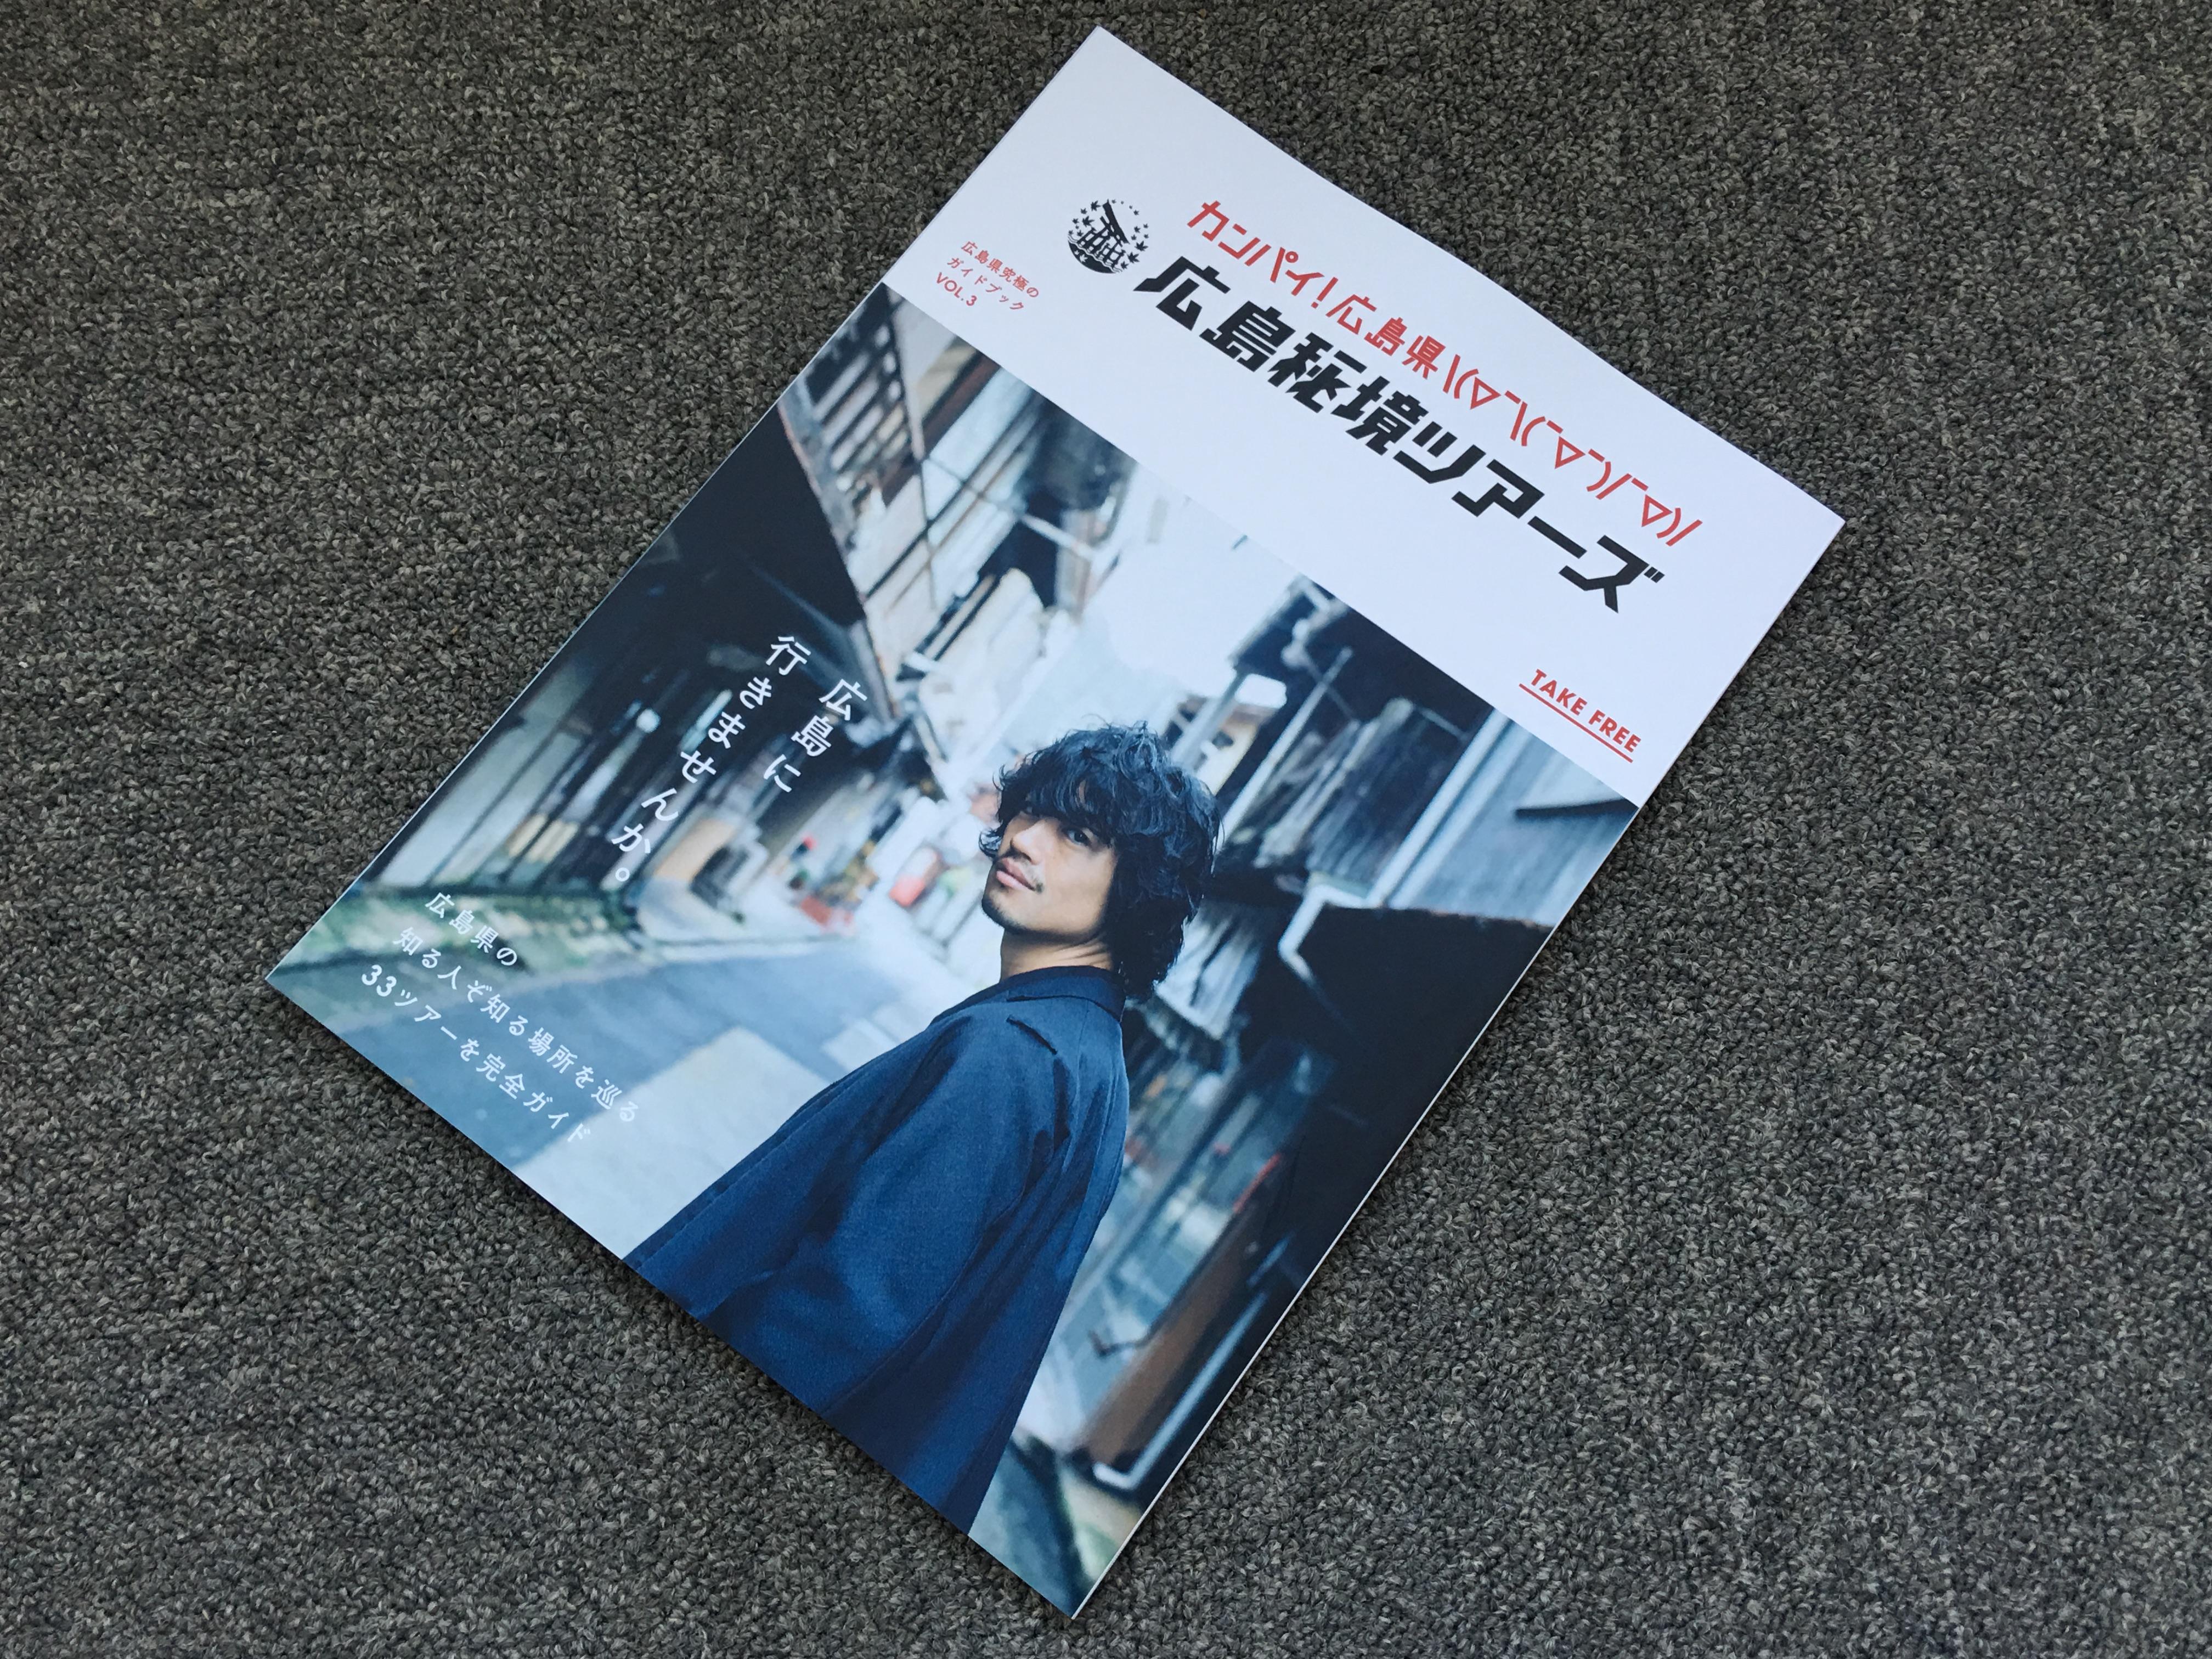 広島県究極のガイドブック 斎藤工